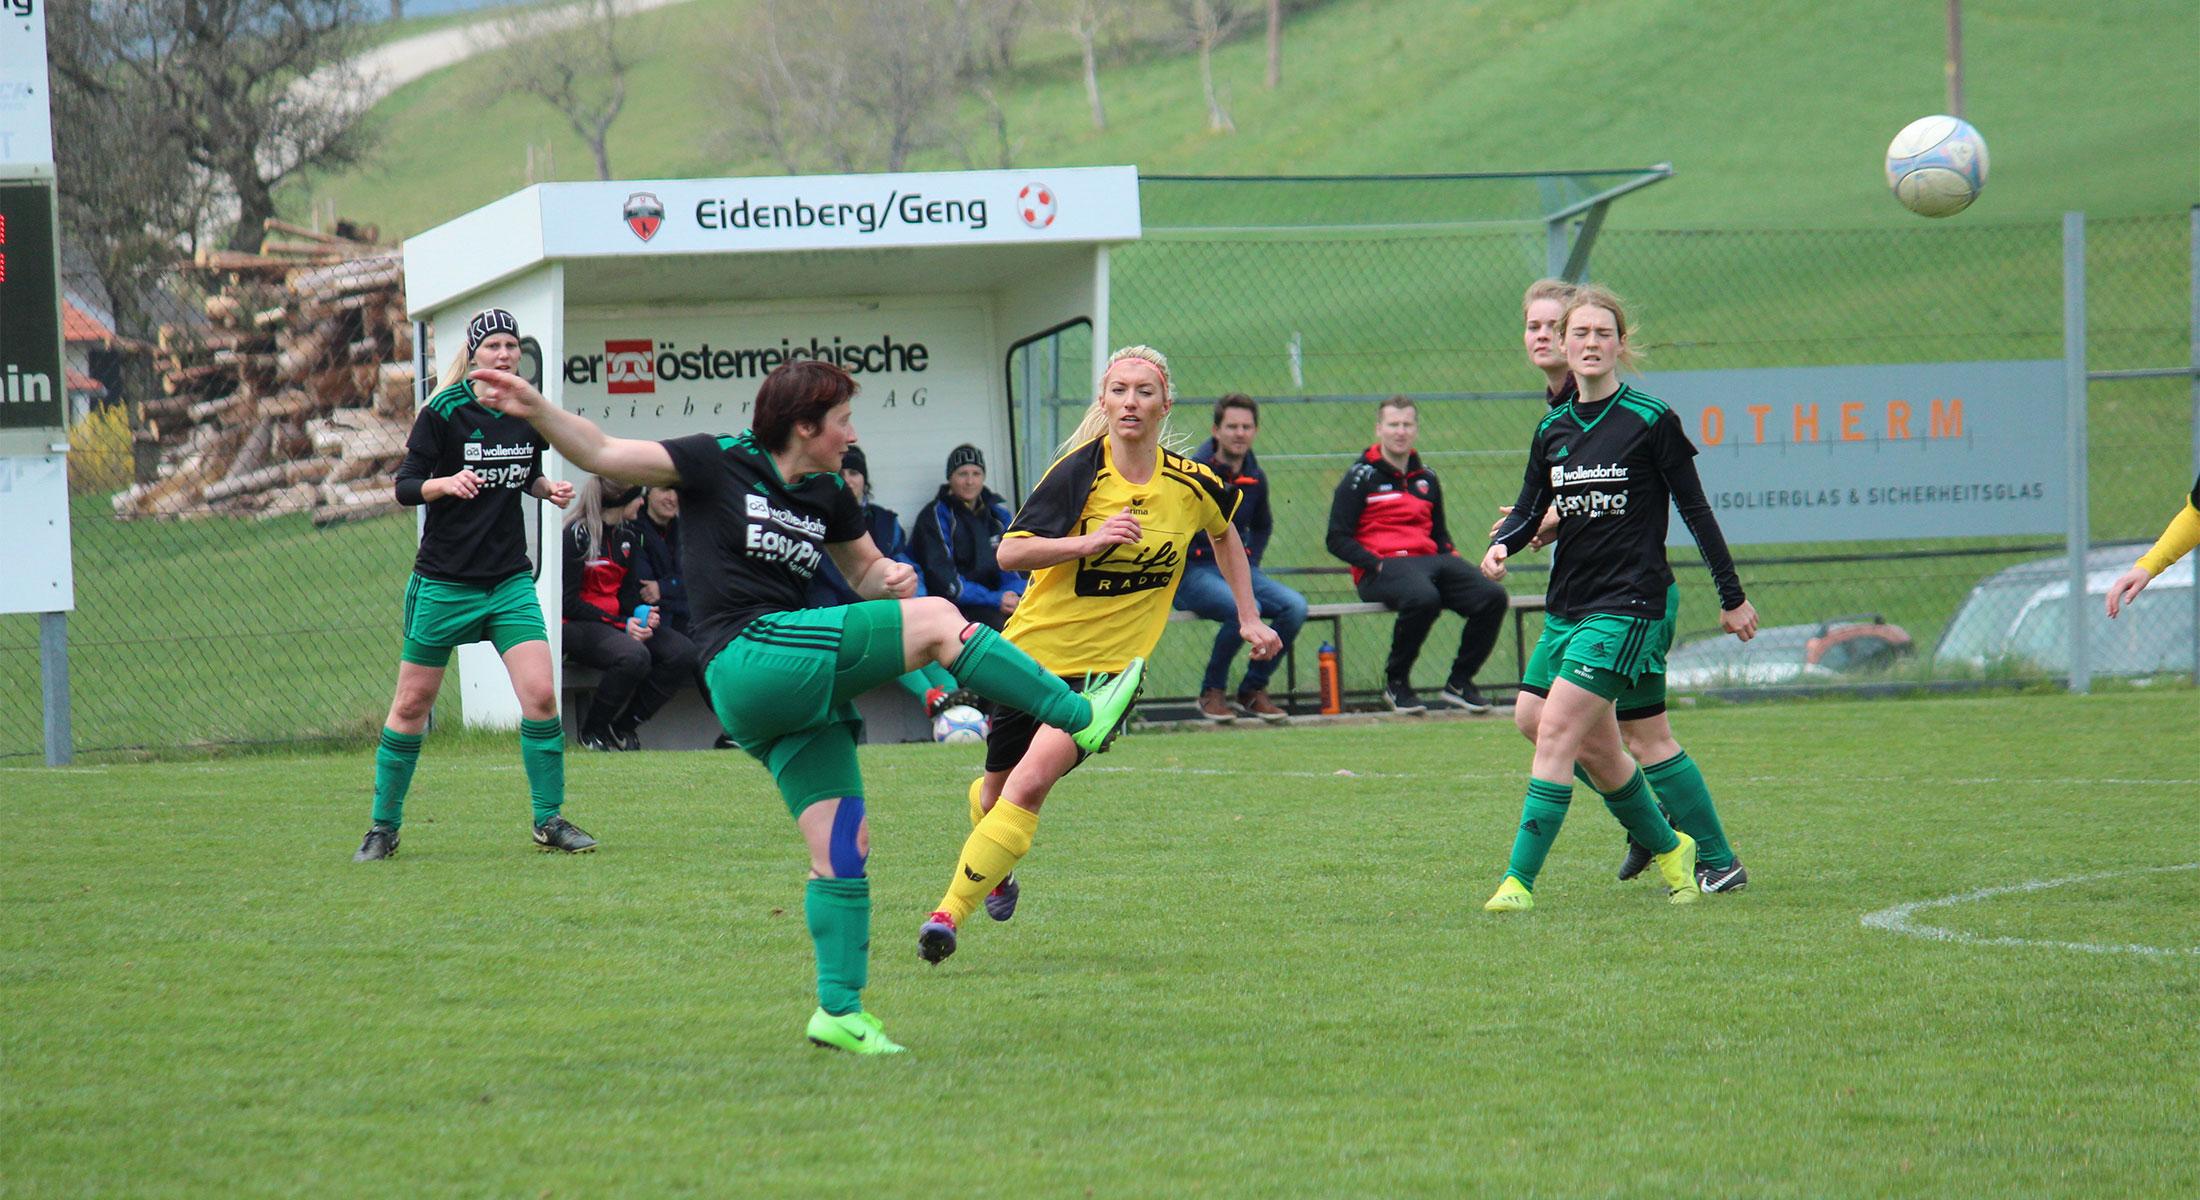 Auswärtssieg in Eidenberg